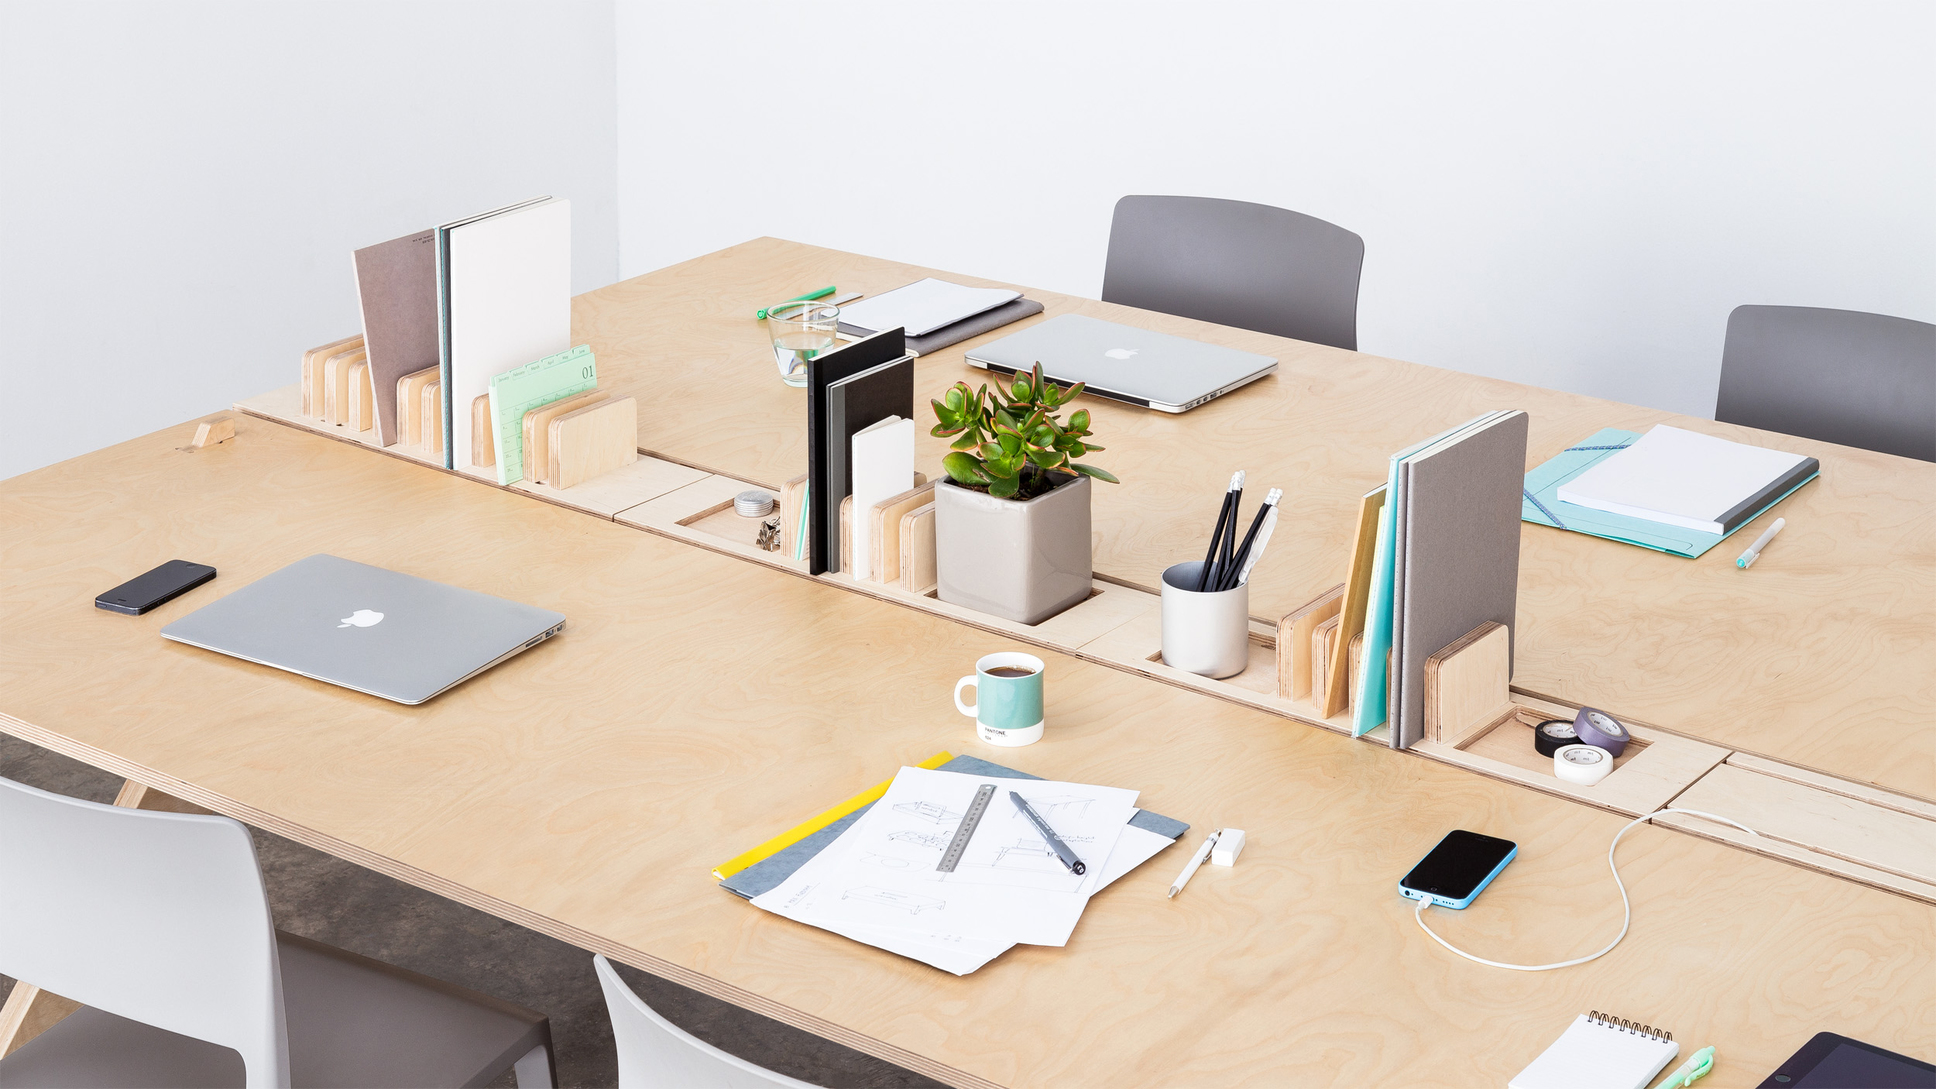 Bureau agile 4 personnes opendesk lean desk openwood for Bureau marguerite 4 personnes